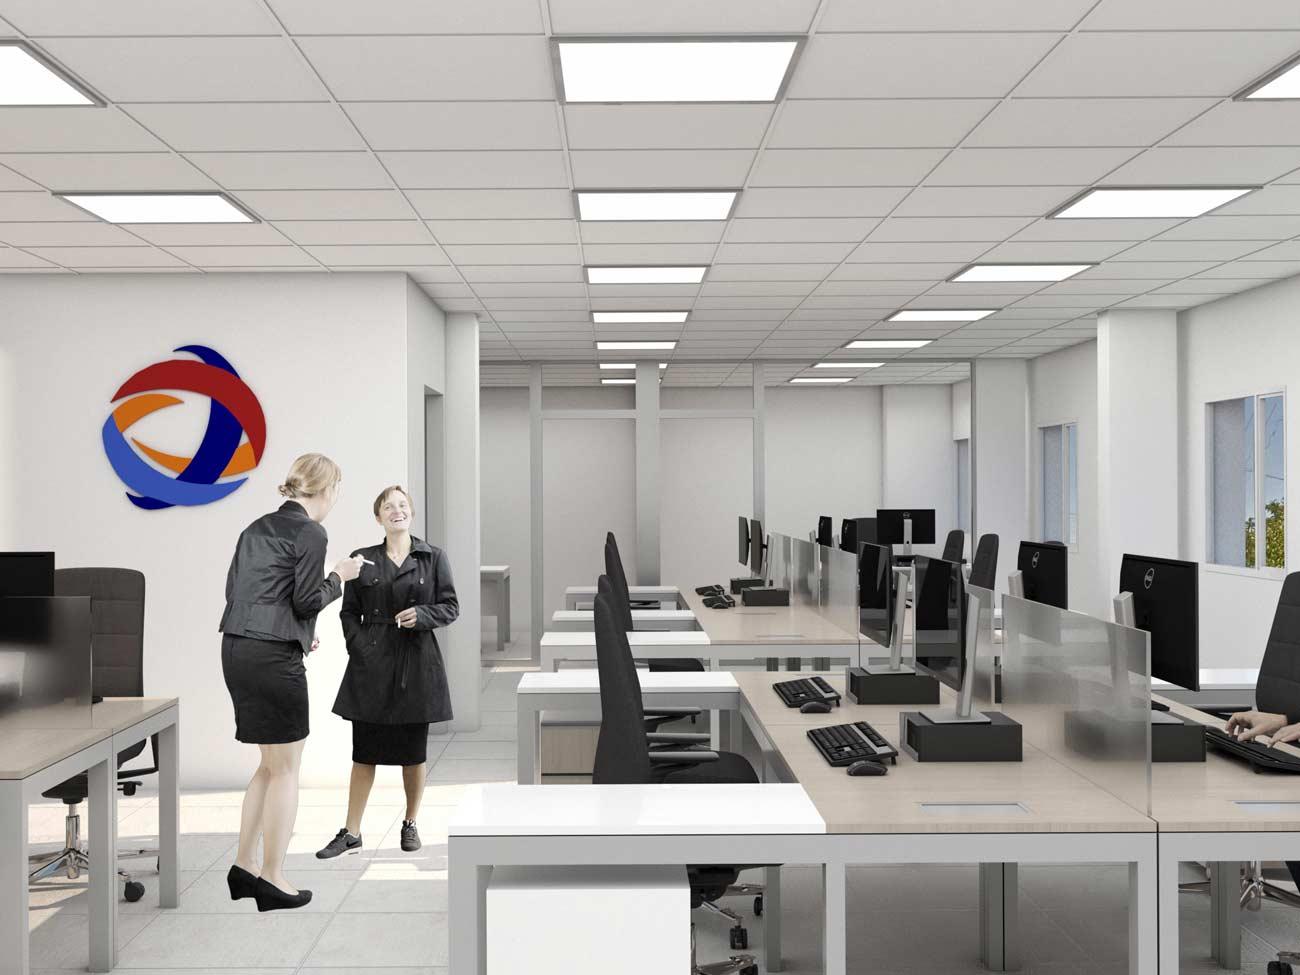 Layout amoblamiento oficinas diseño interior neuquen arquitectos